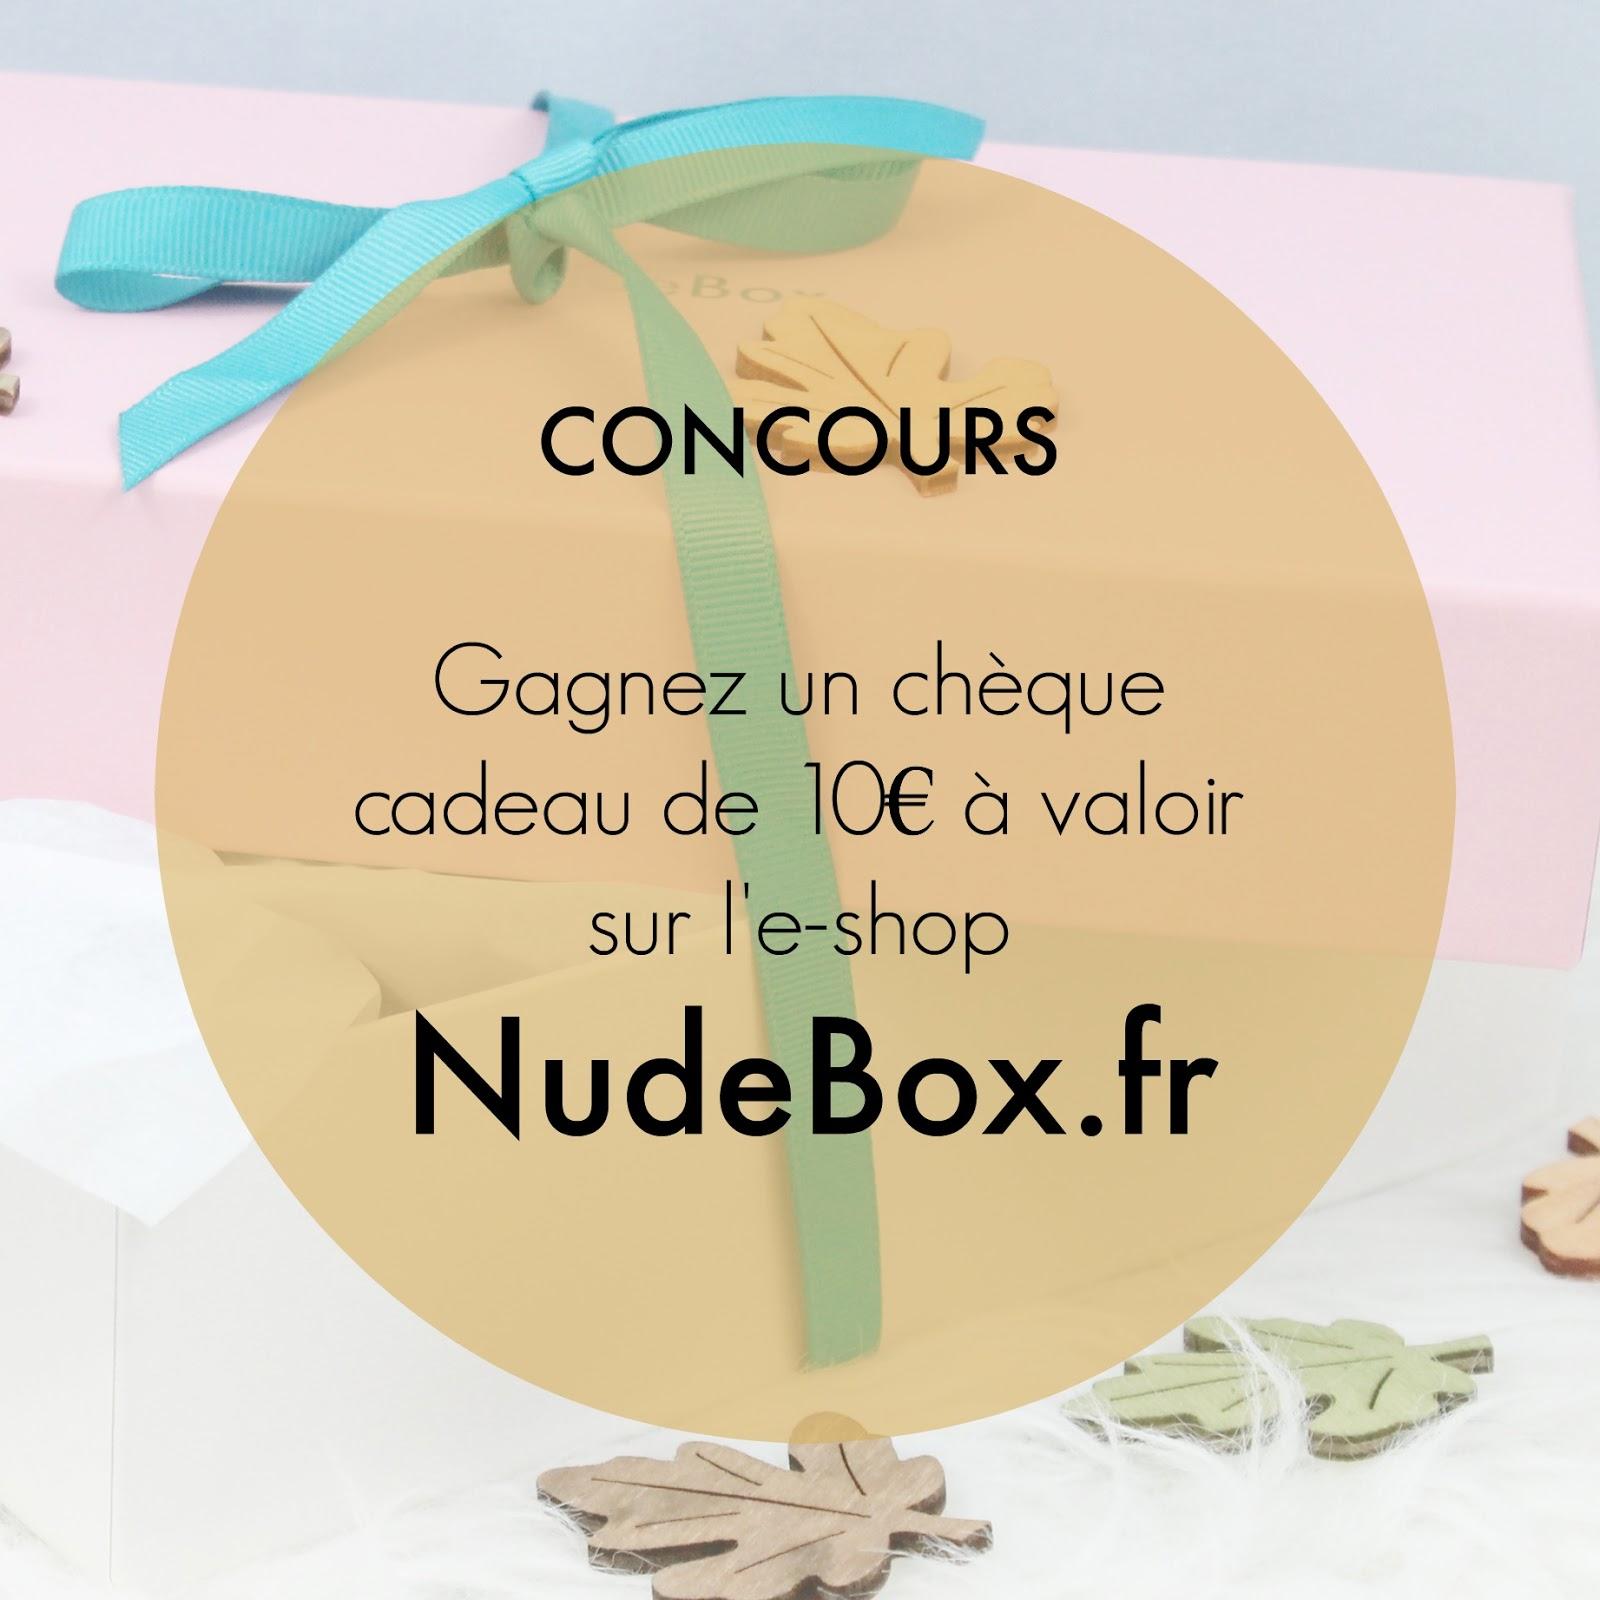 Gagne un chèque cadeau de 10€